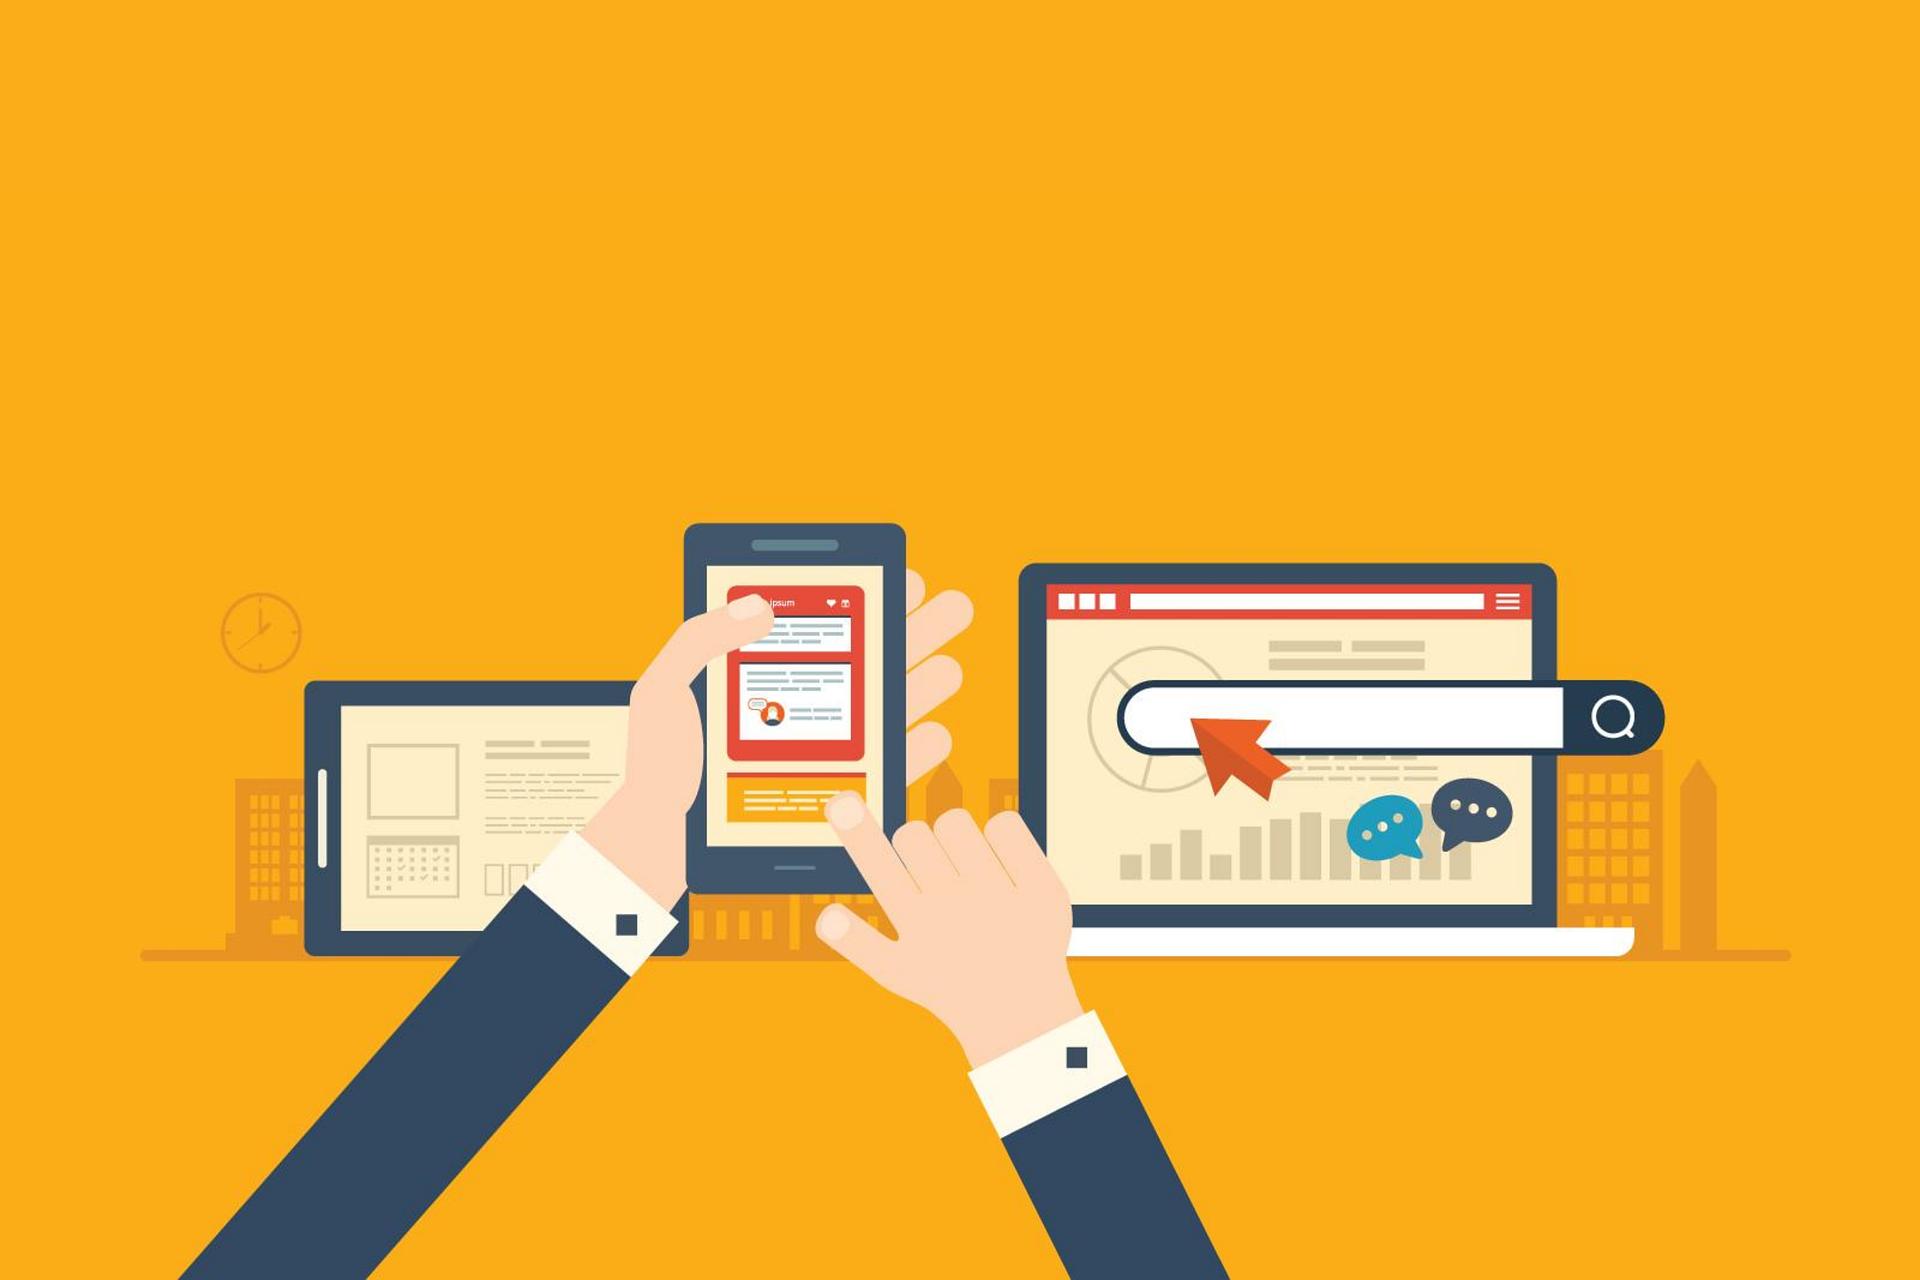 Tener una web sencilla y responsiva es esencial para mantener una buena usabilidad